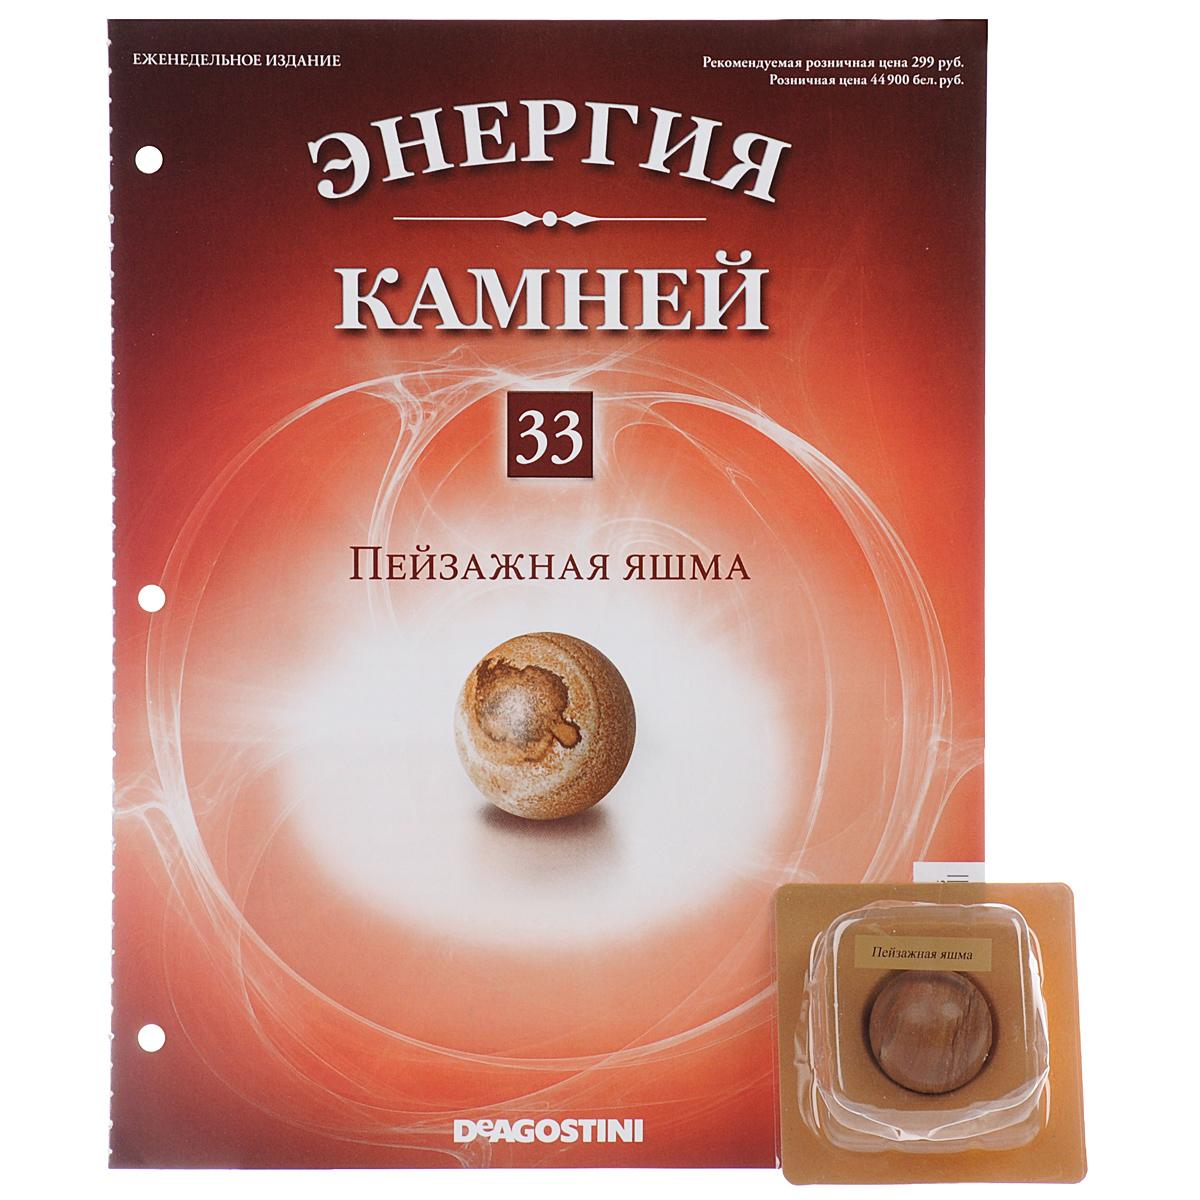 """Журнал """"Энергия камней"""" №33,"""